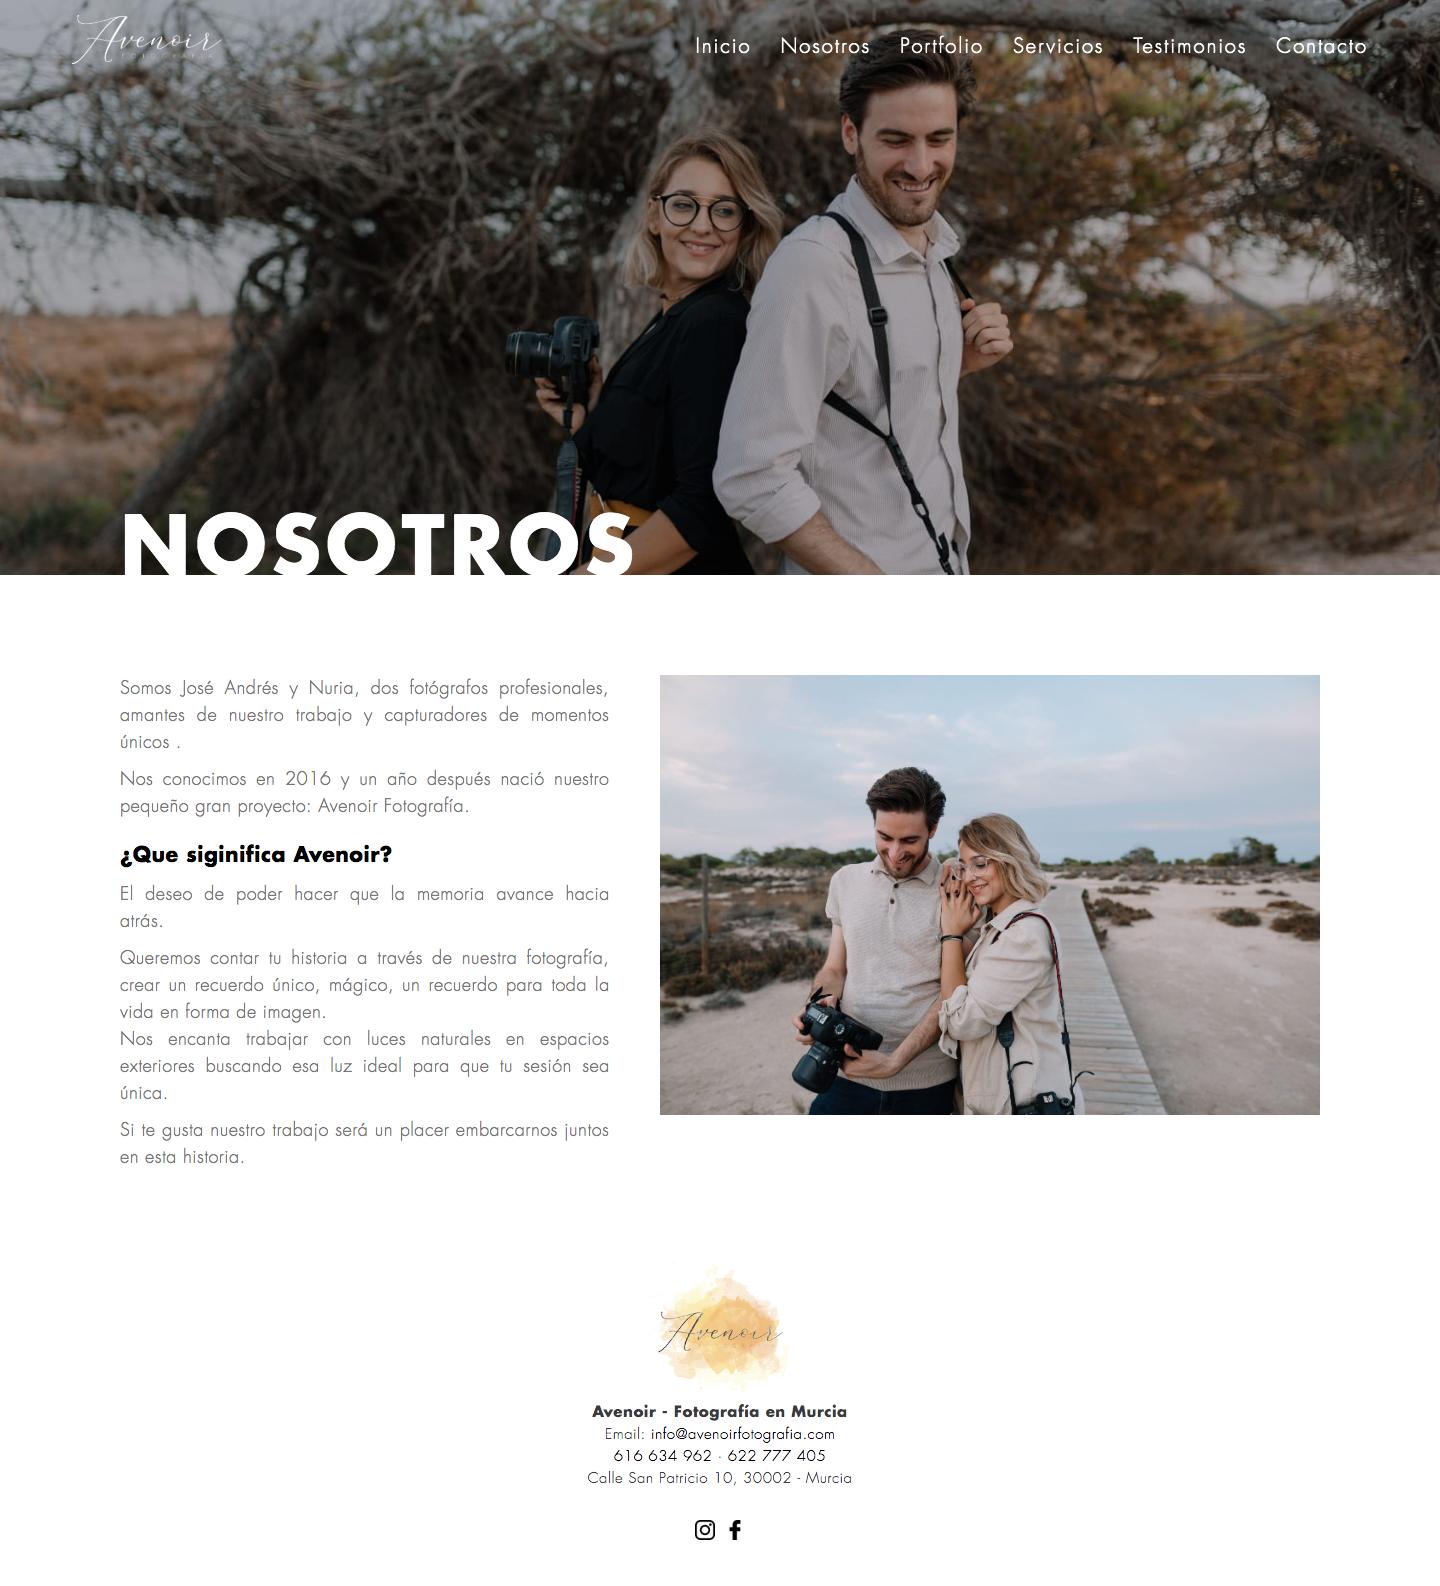 Desarrollo de web corporativa para estudio de Fotografía en Murcia. Diseño web a medida en Murcia, Madrid y Panamá City | Nómadas Comunicación Creativa